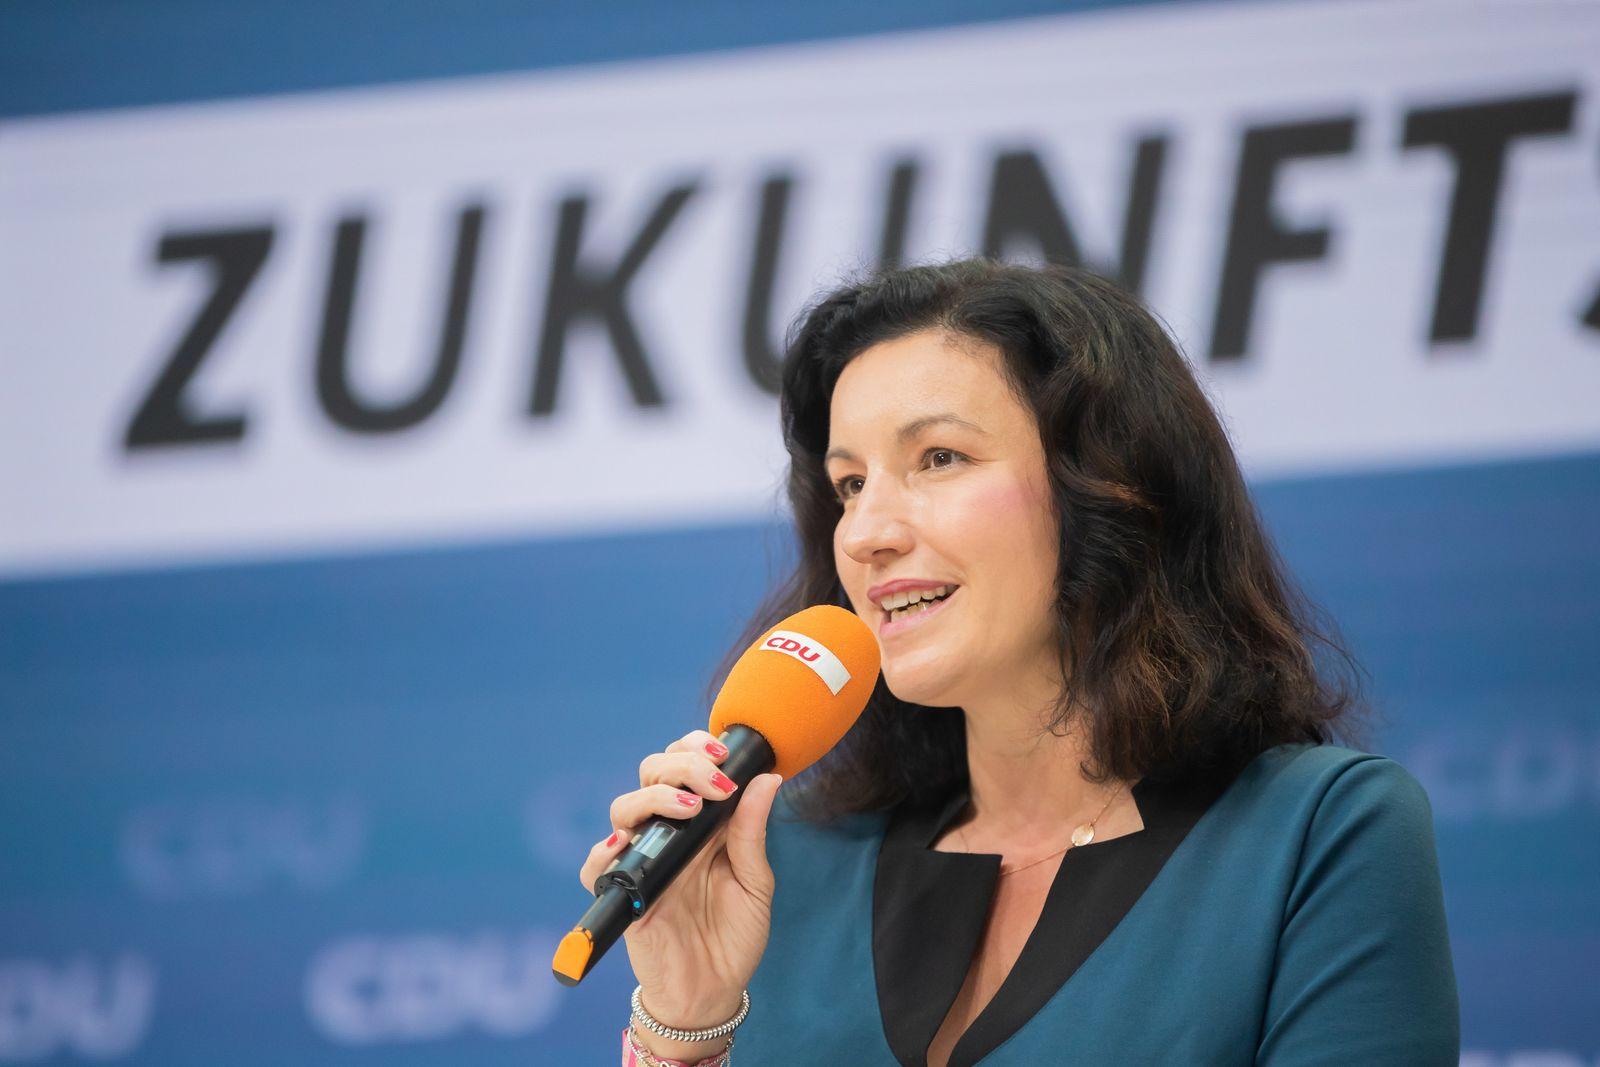 Wahlkampf - CDU-Zukunftsteam